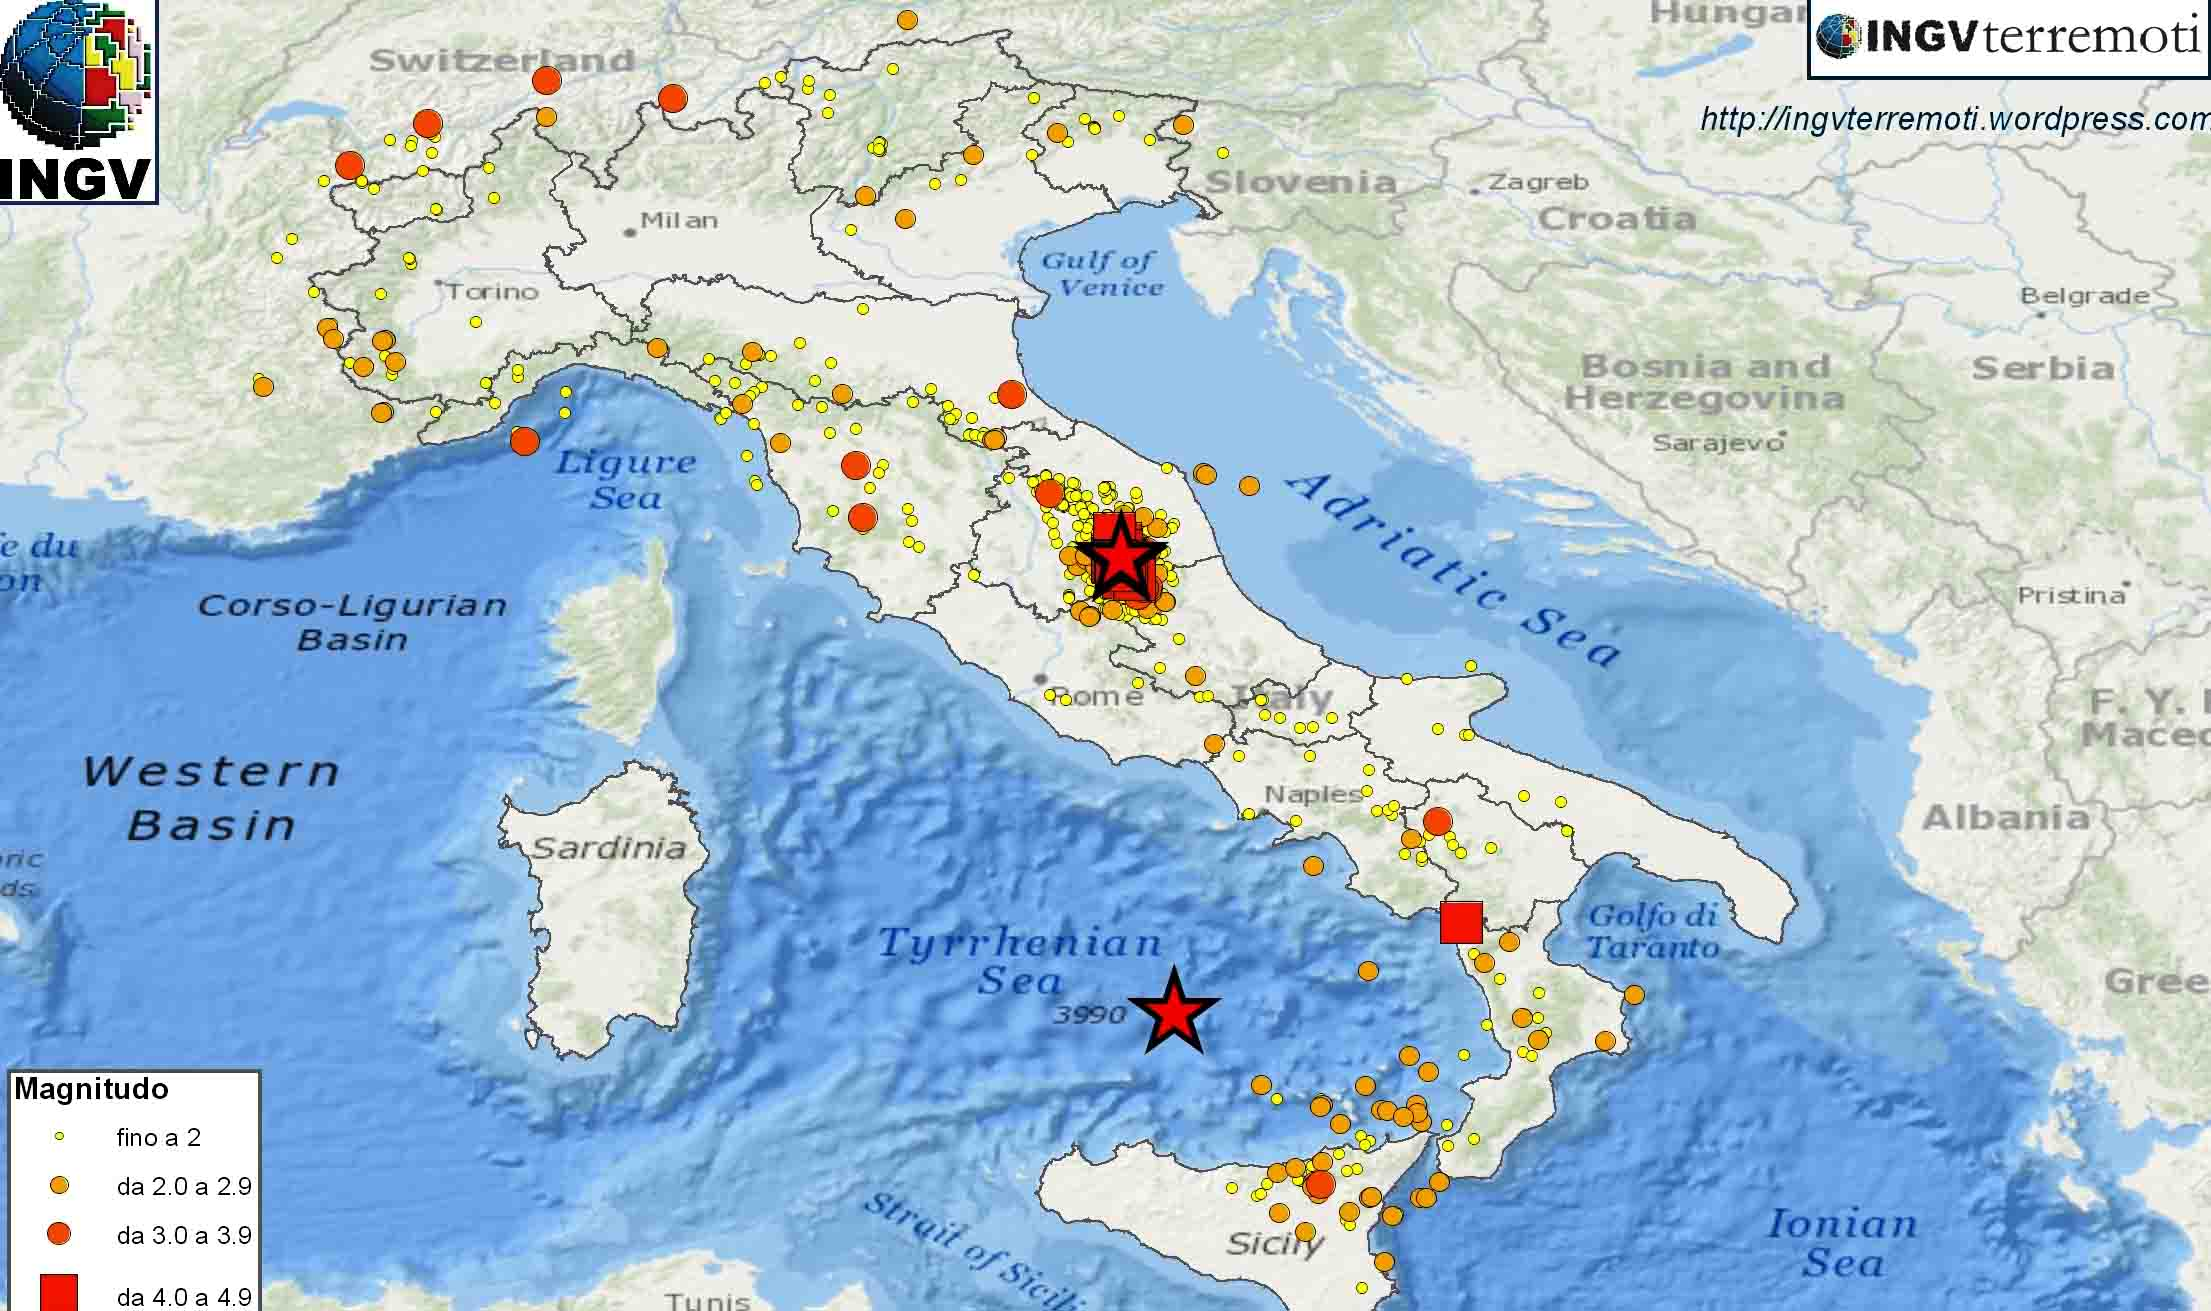 ingv-terremoti-scosse-tempo-reale